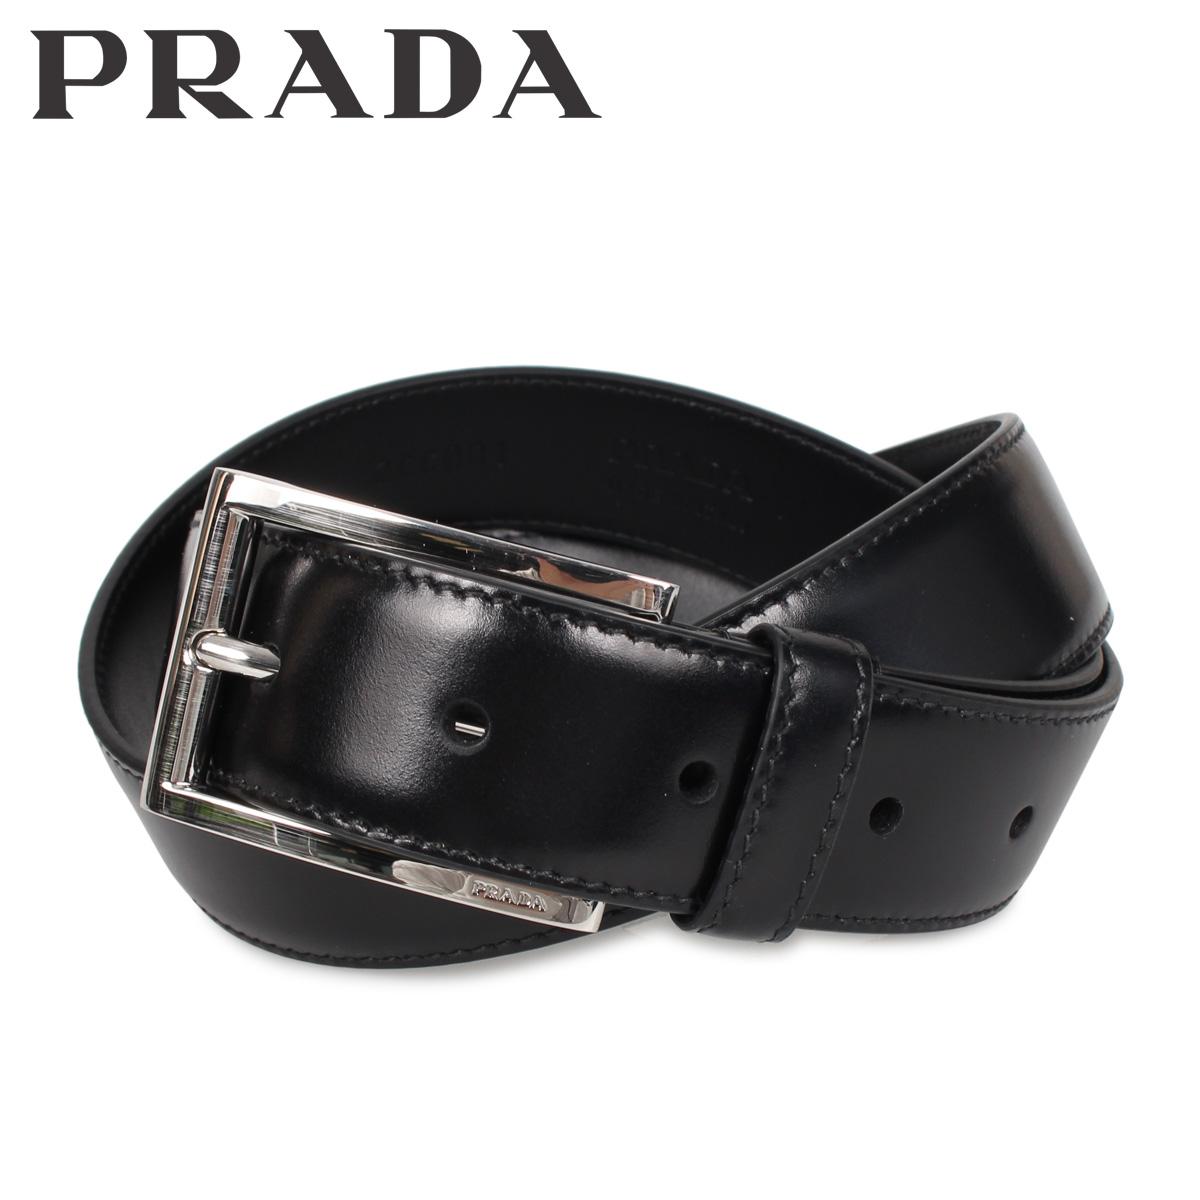 PRADA プラダ ベルト レザーベルト メンズ VITELLO LUX ブラック 黒 2CC001-X72 [3/9 新入荷]